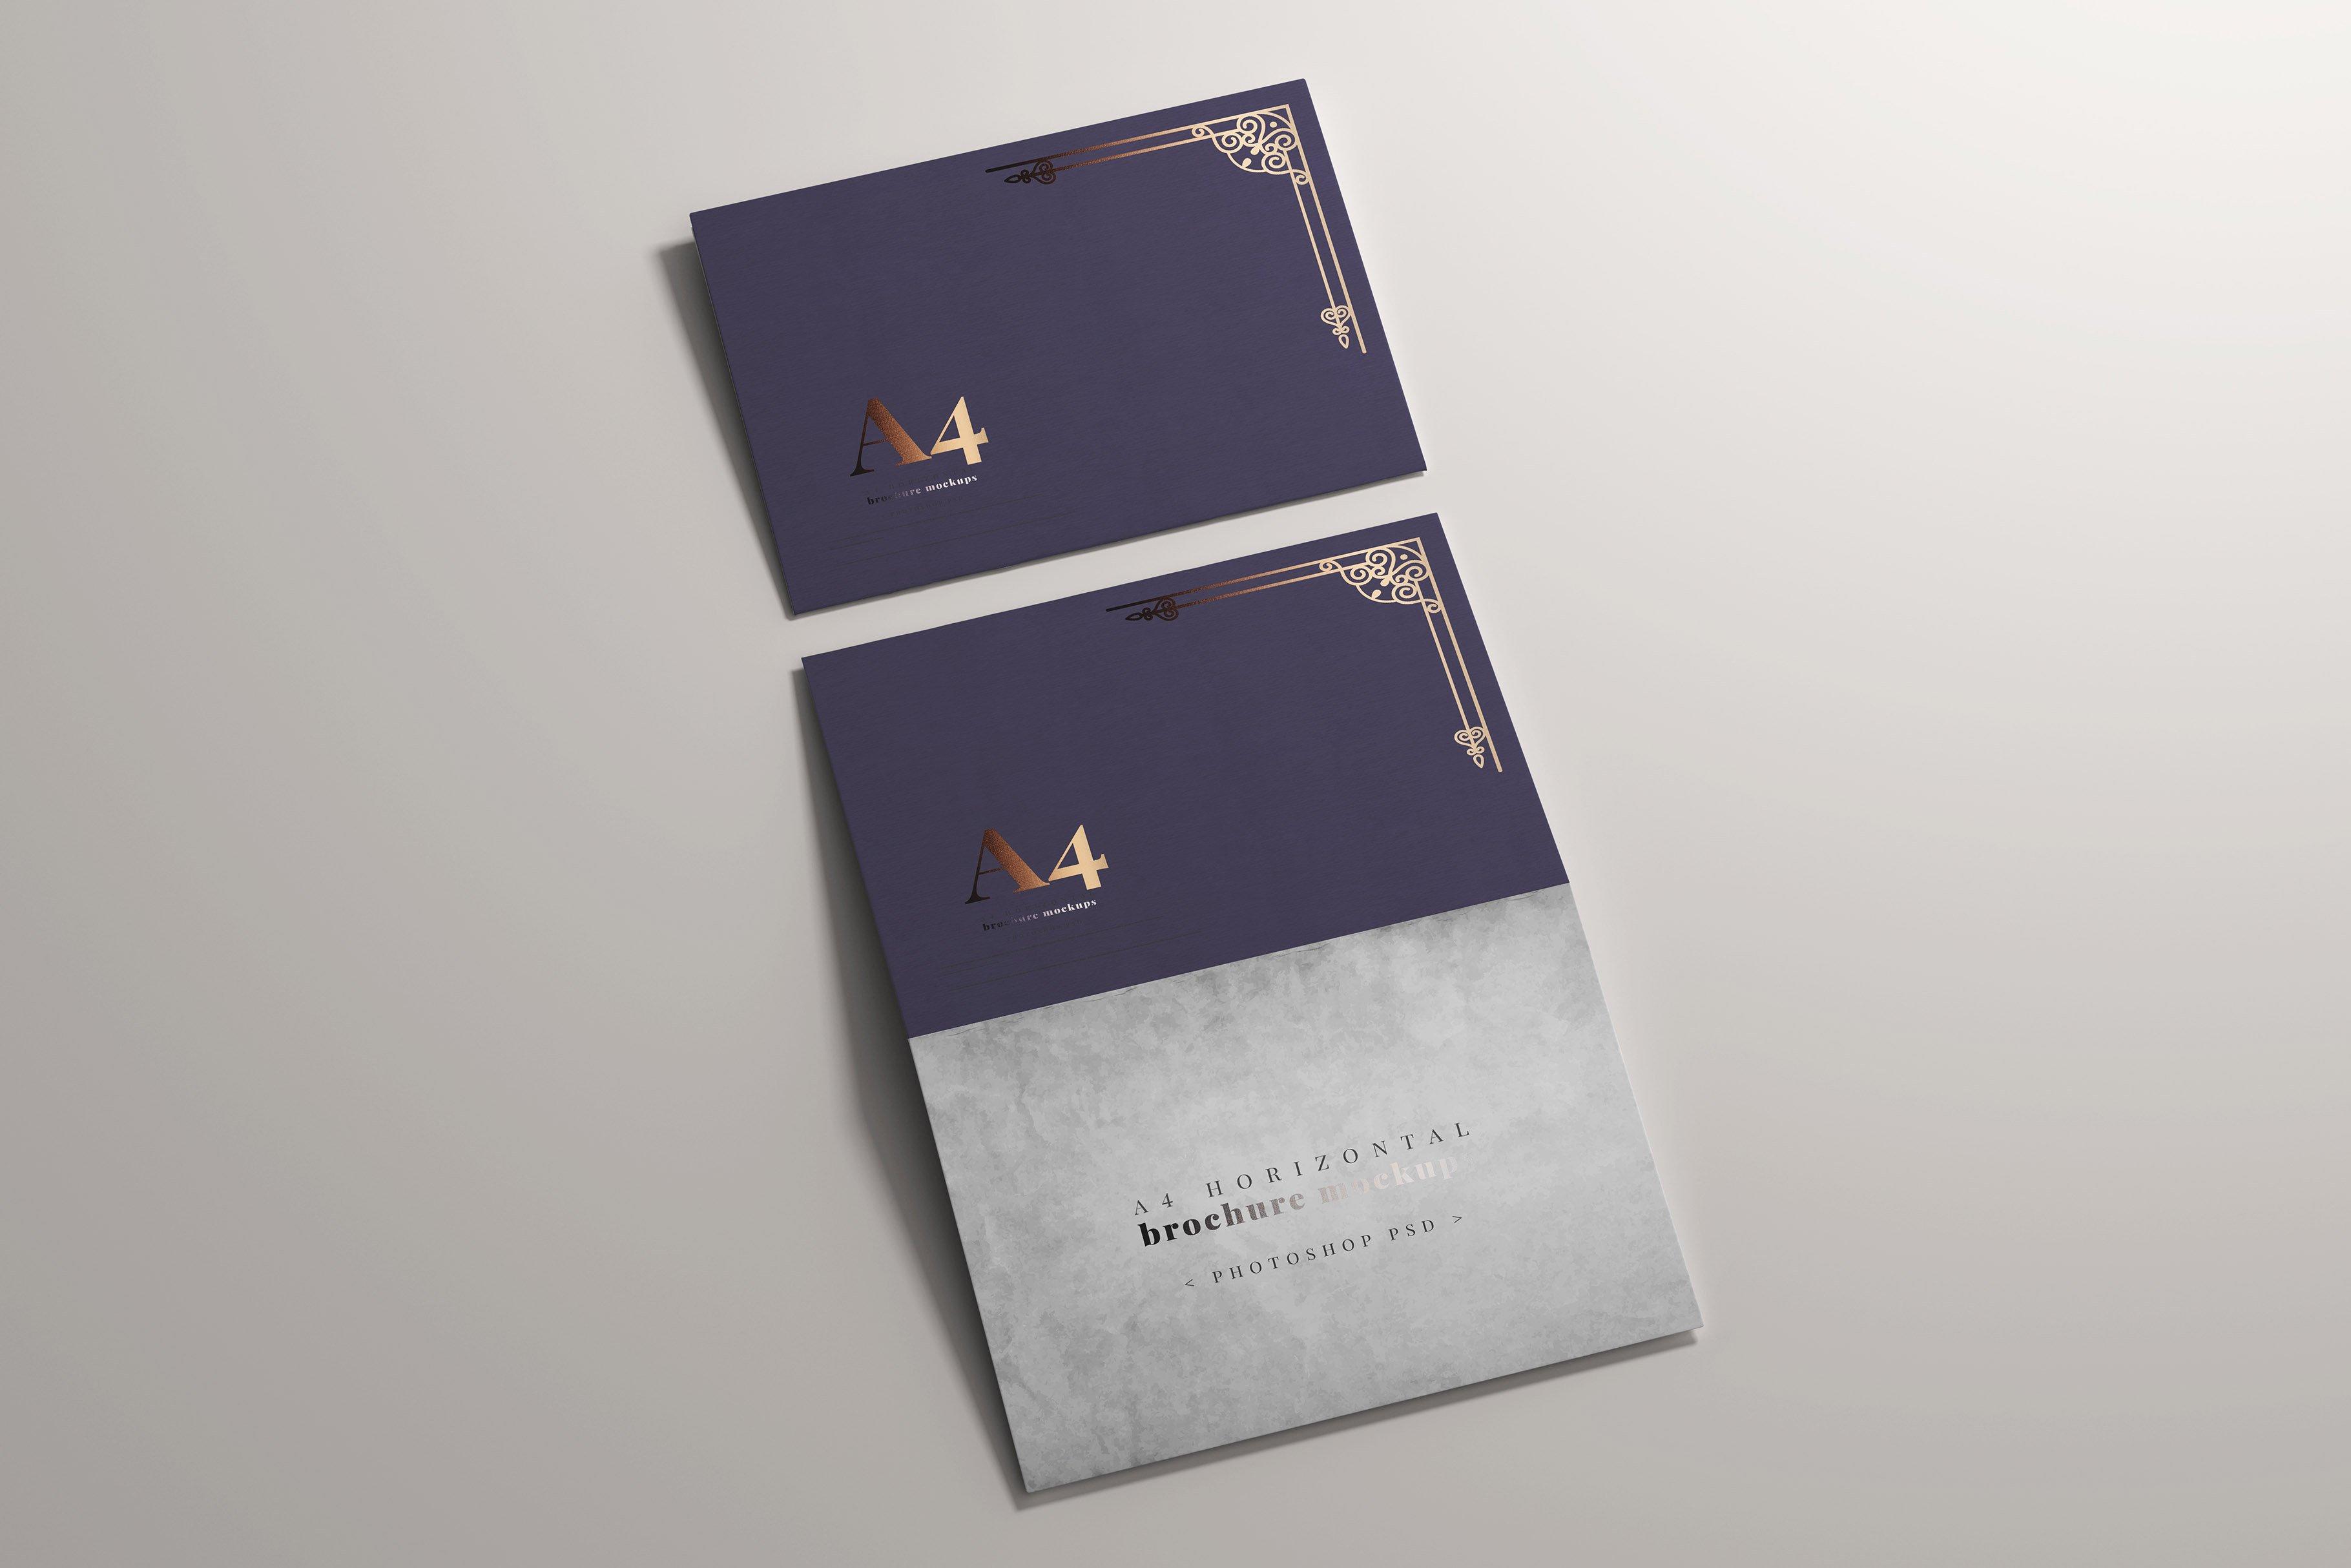 8款烫印效果A4横向两折页小册子设计展示贴图PSD样机模板 A4 Bi-Fold Horizontal Mockups插图(7)